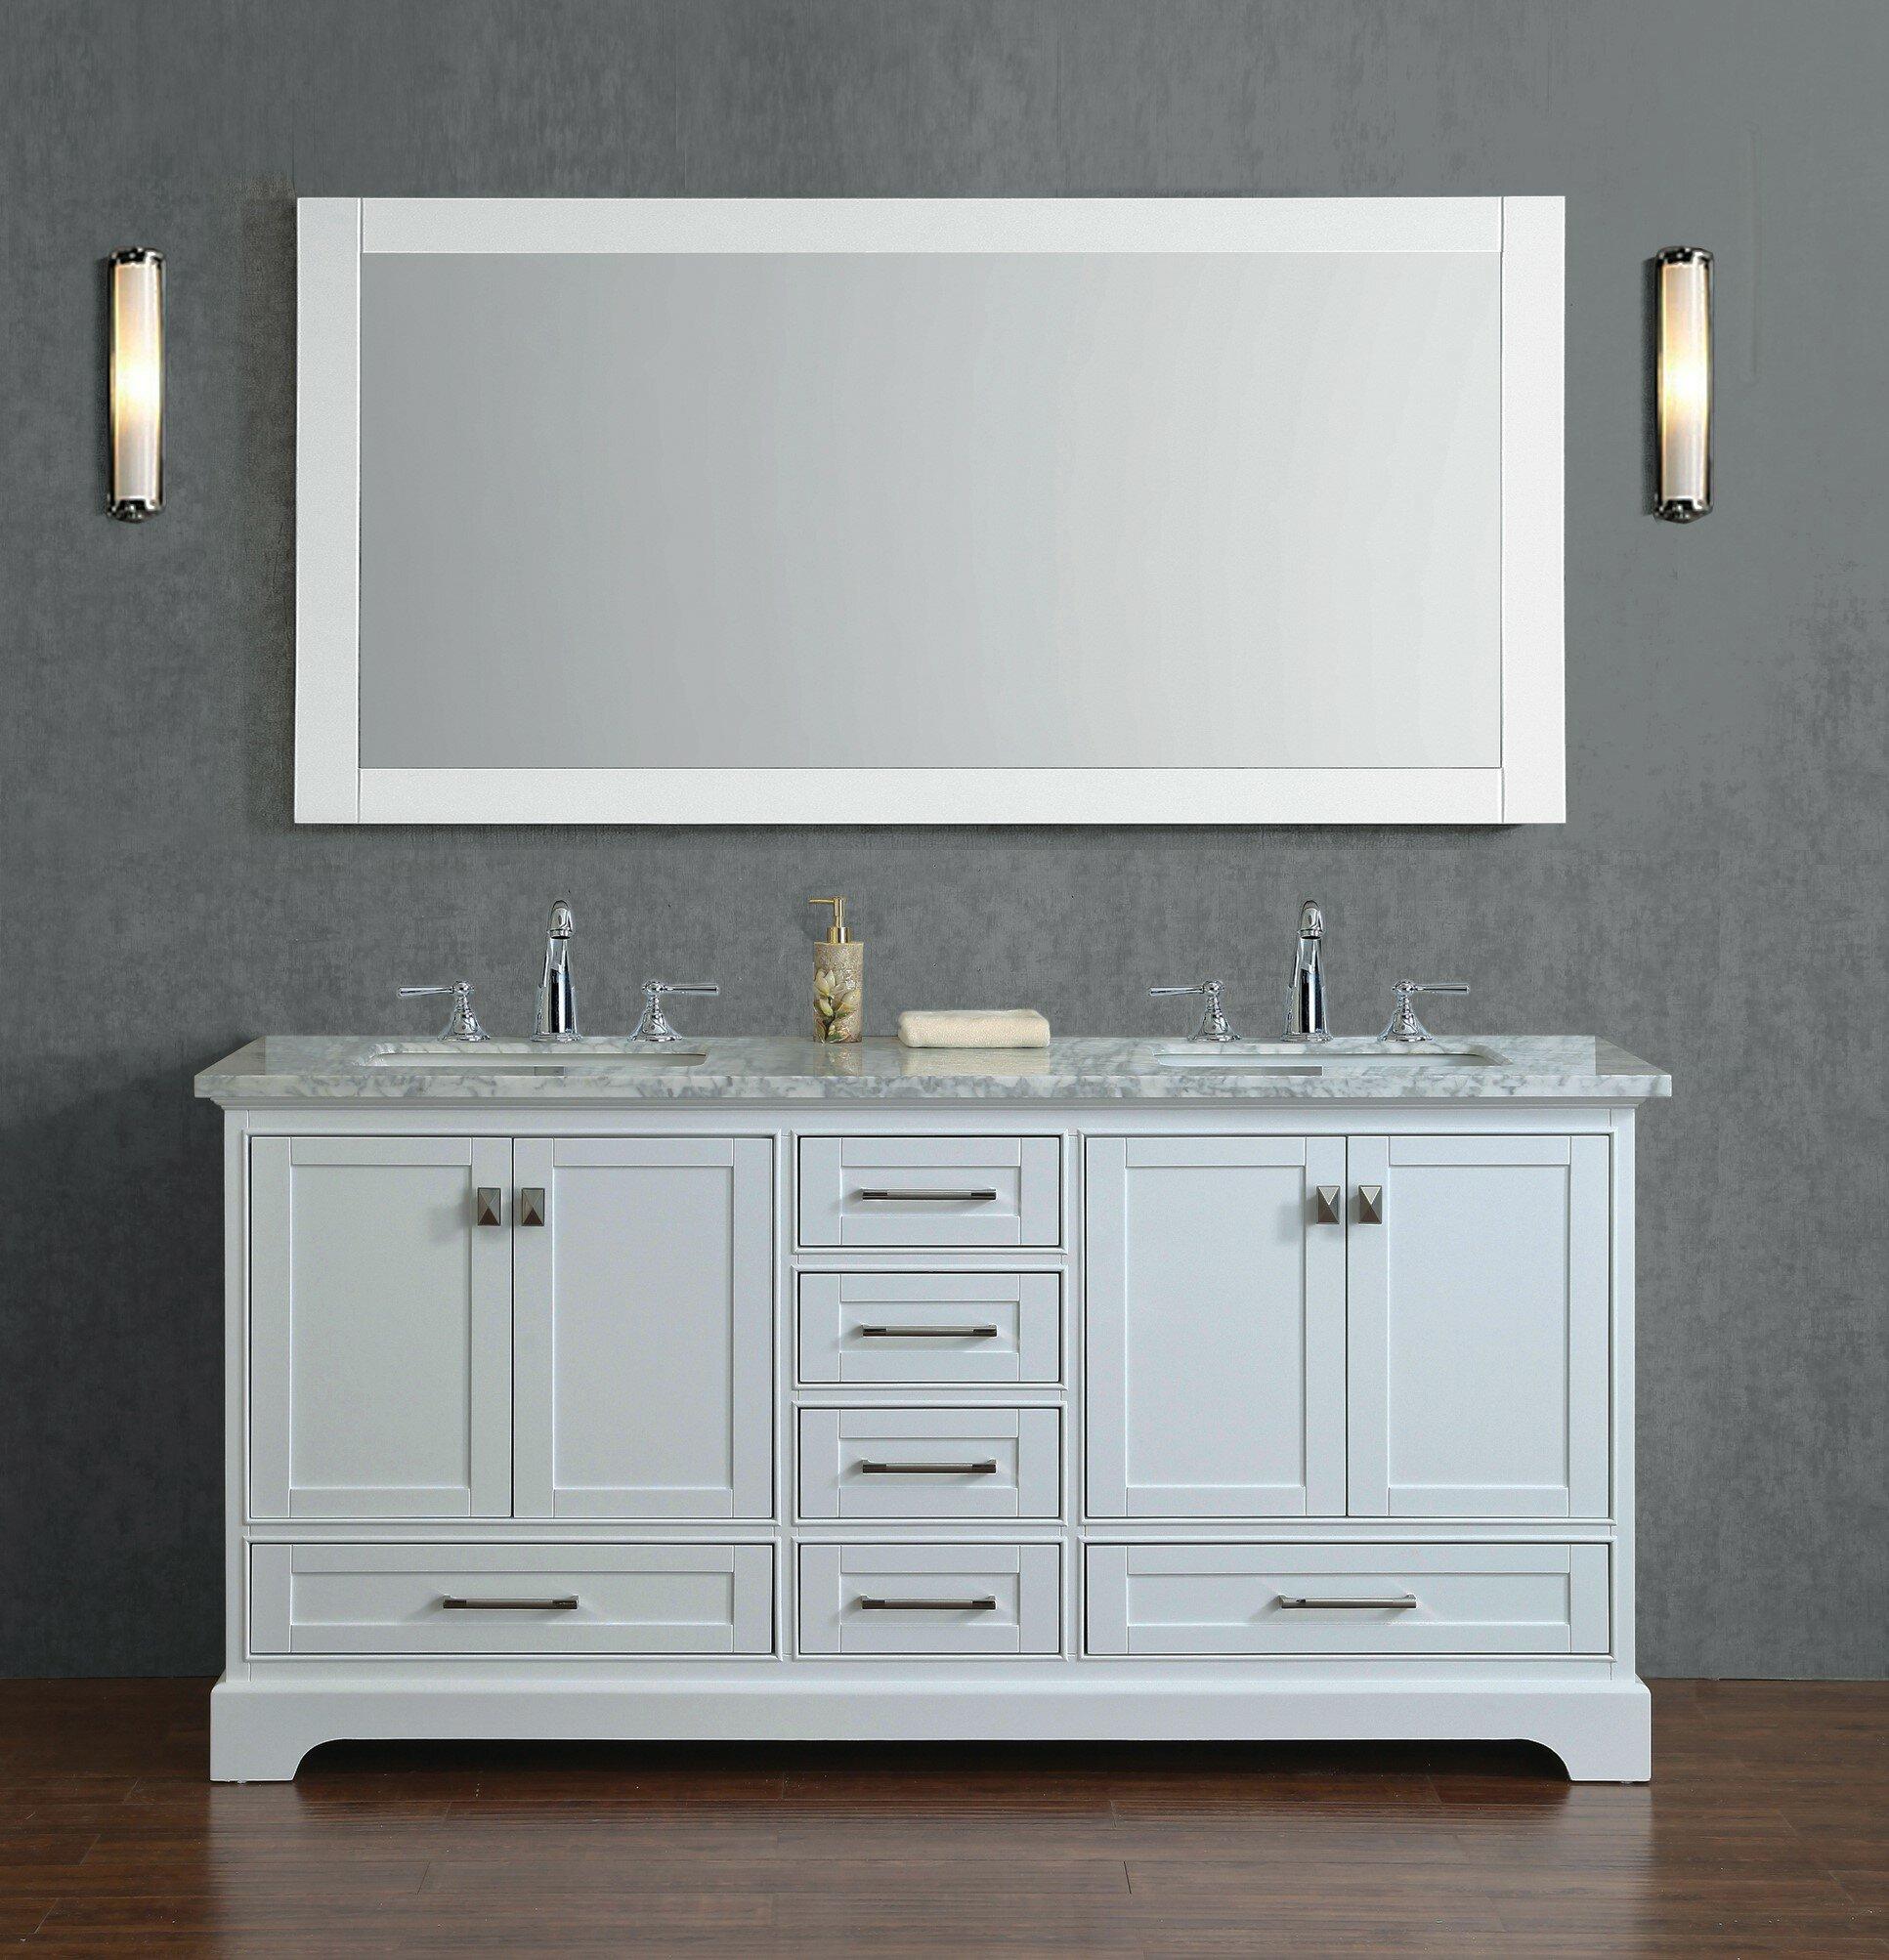 Willa Arlo Interiors Stian 72 Double Bathroom Vanity Set With